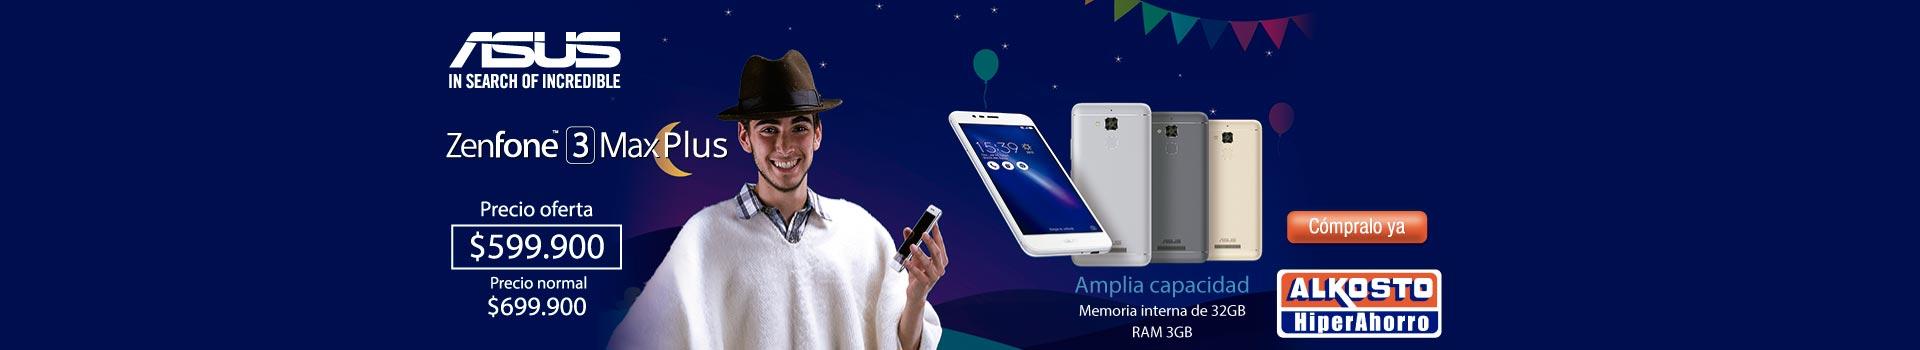 EXP AK ASUS-1-celulares-Zenfone3Plus-prod-septiembre-16-25